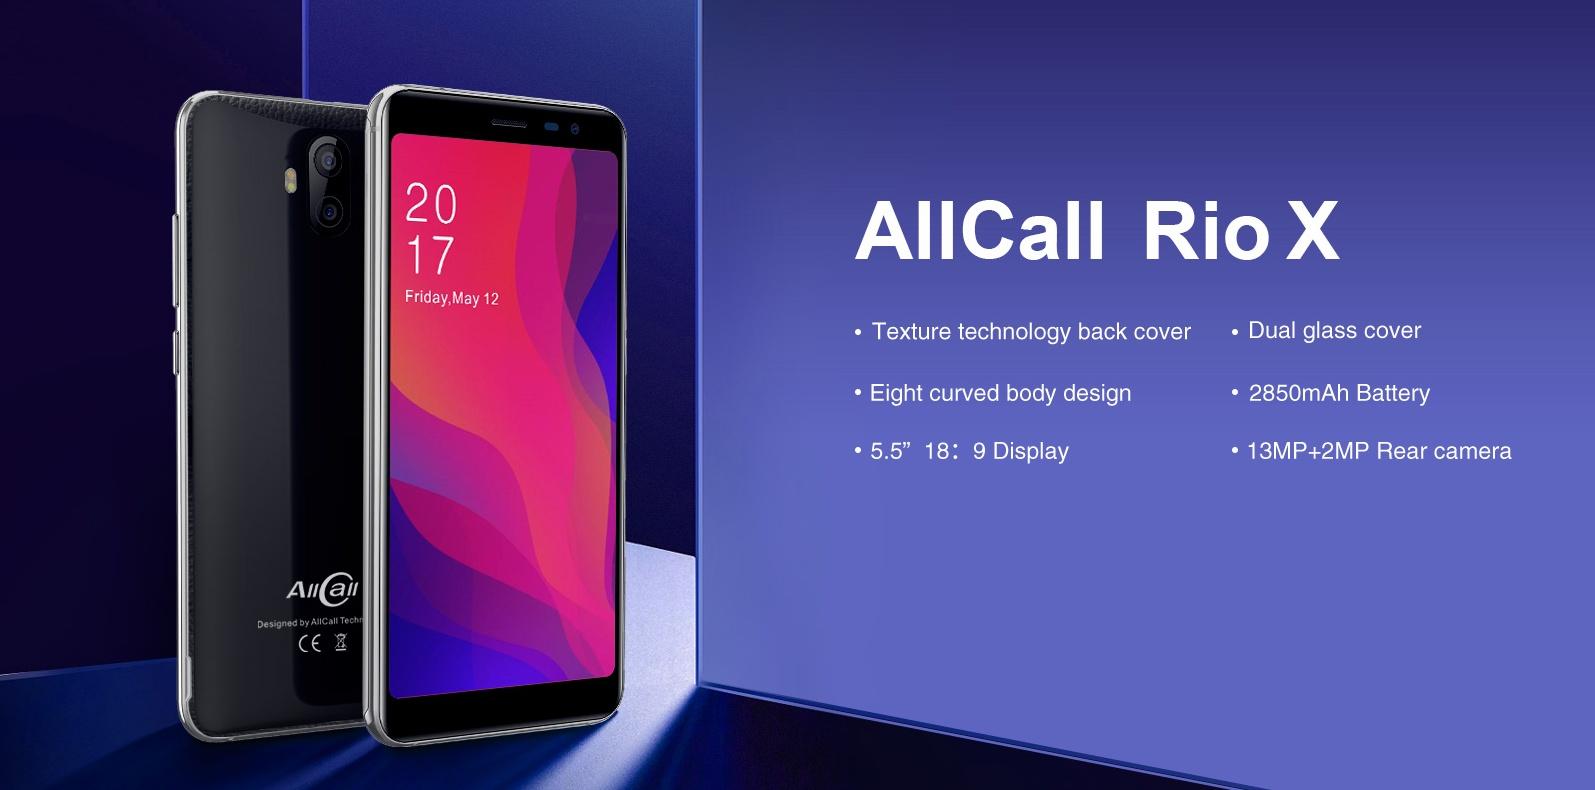 AllCall Rio X